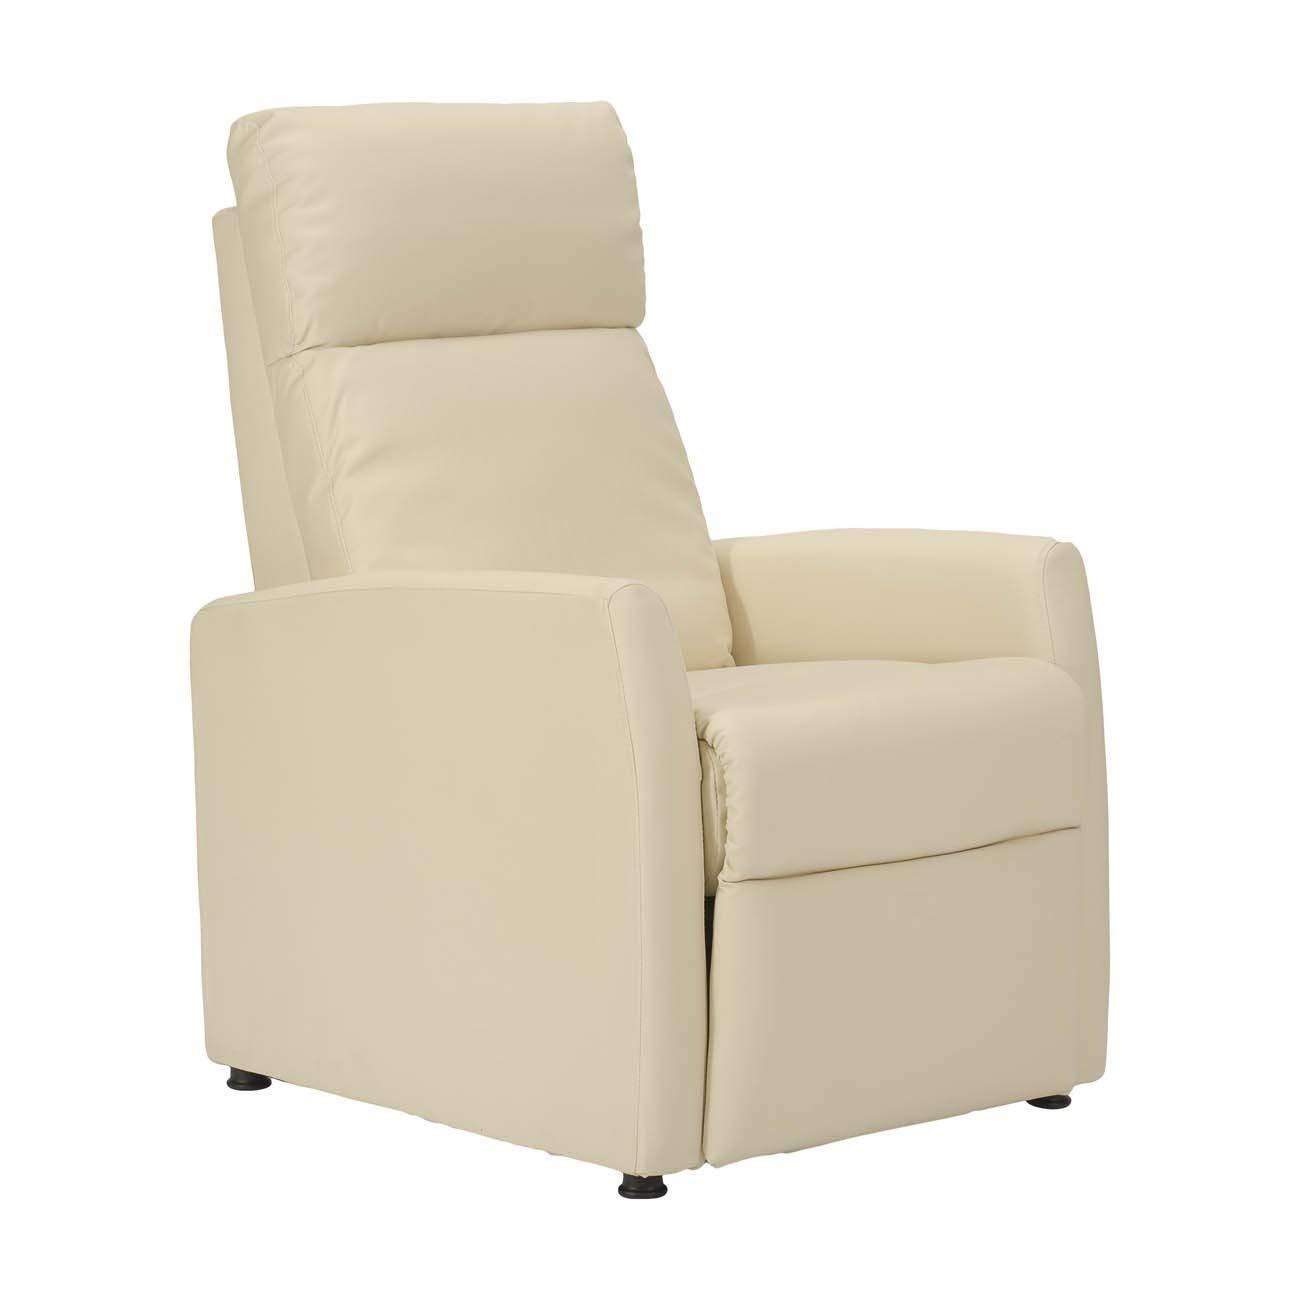 poltrone-italia - sillón reclinable Relax A presión del ...